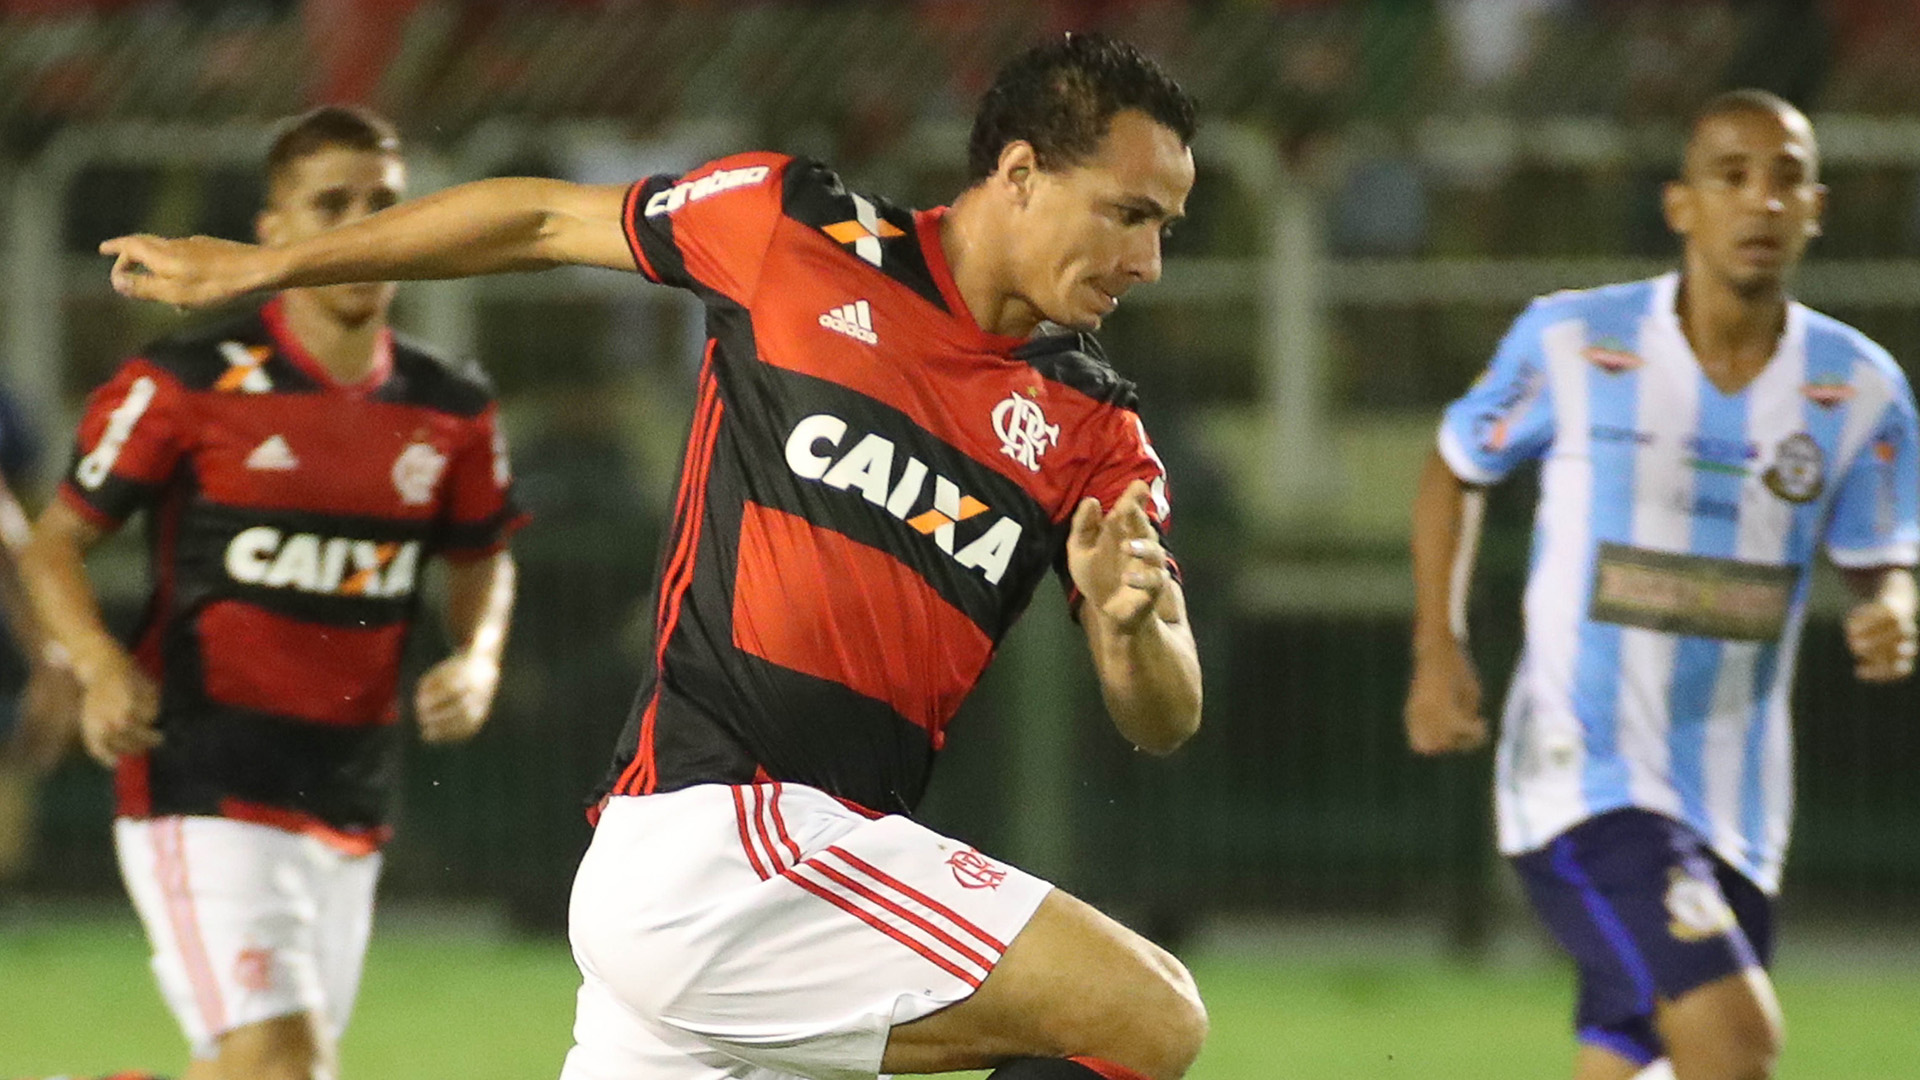 'Já fiz bastante', diz Leandro Damião após três gols pelo Flamengo